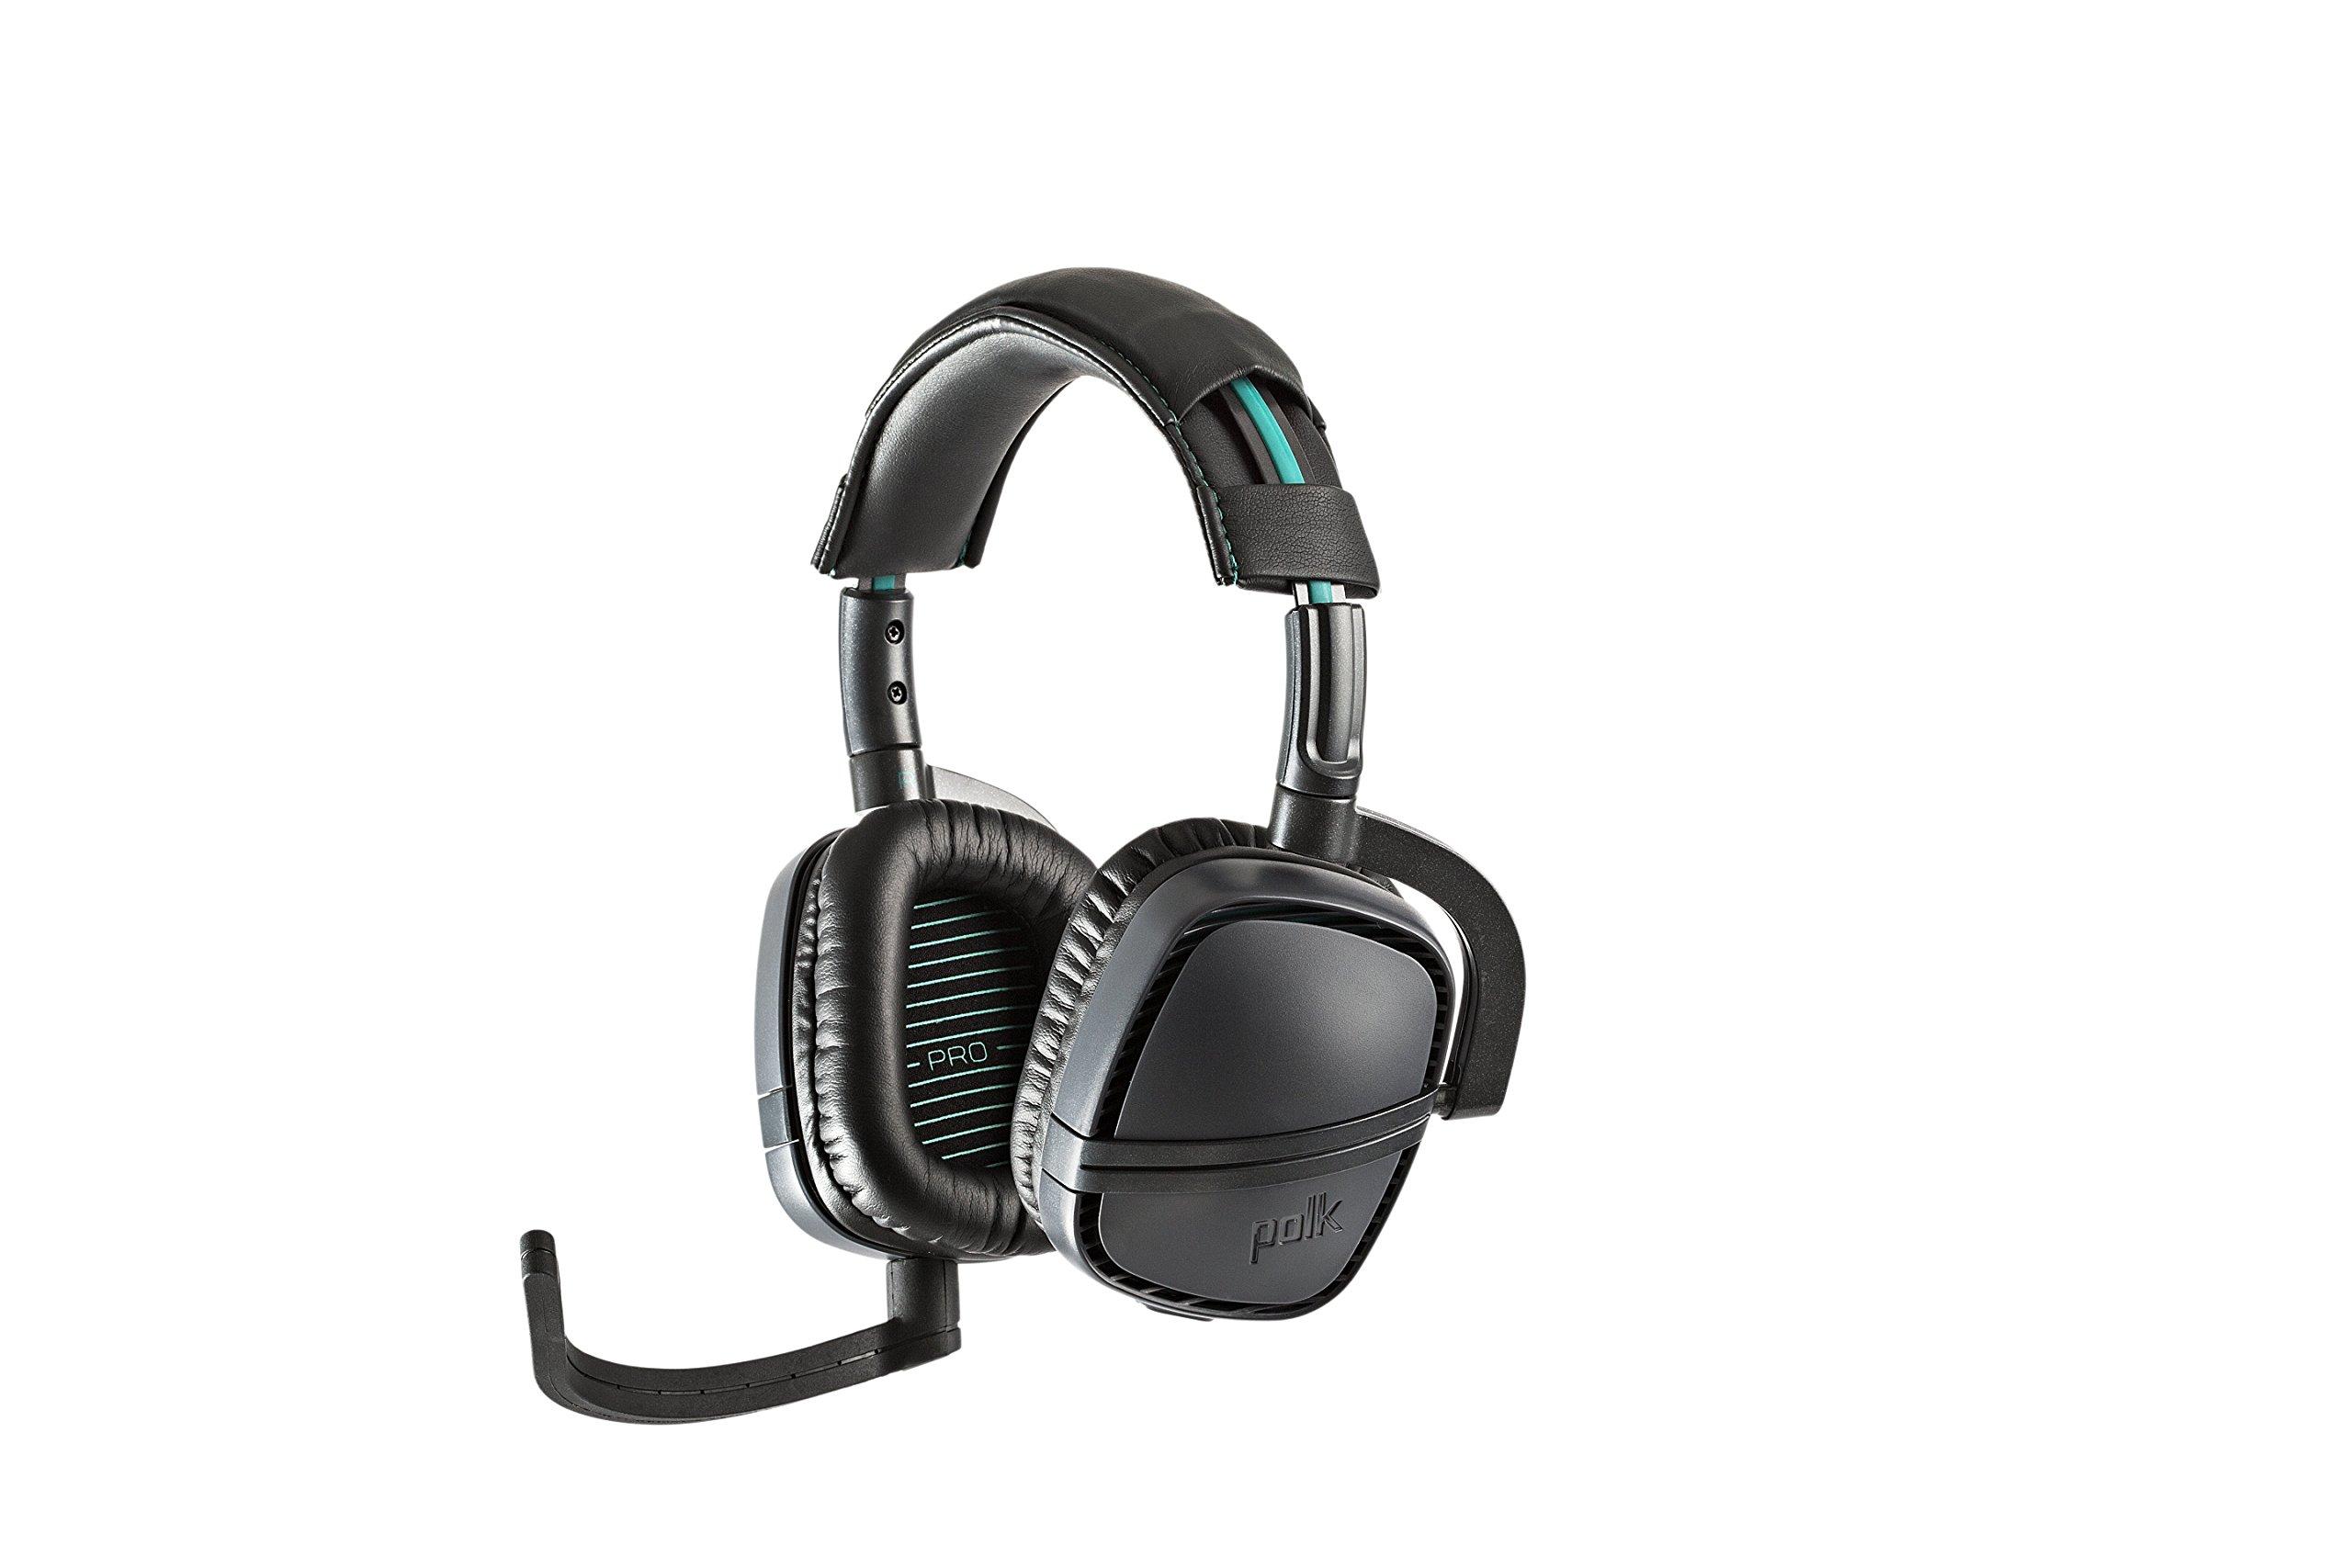 Polk Audio Striker Pro Zx Gaming Headset - Xbox One by Polk Audio